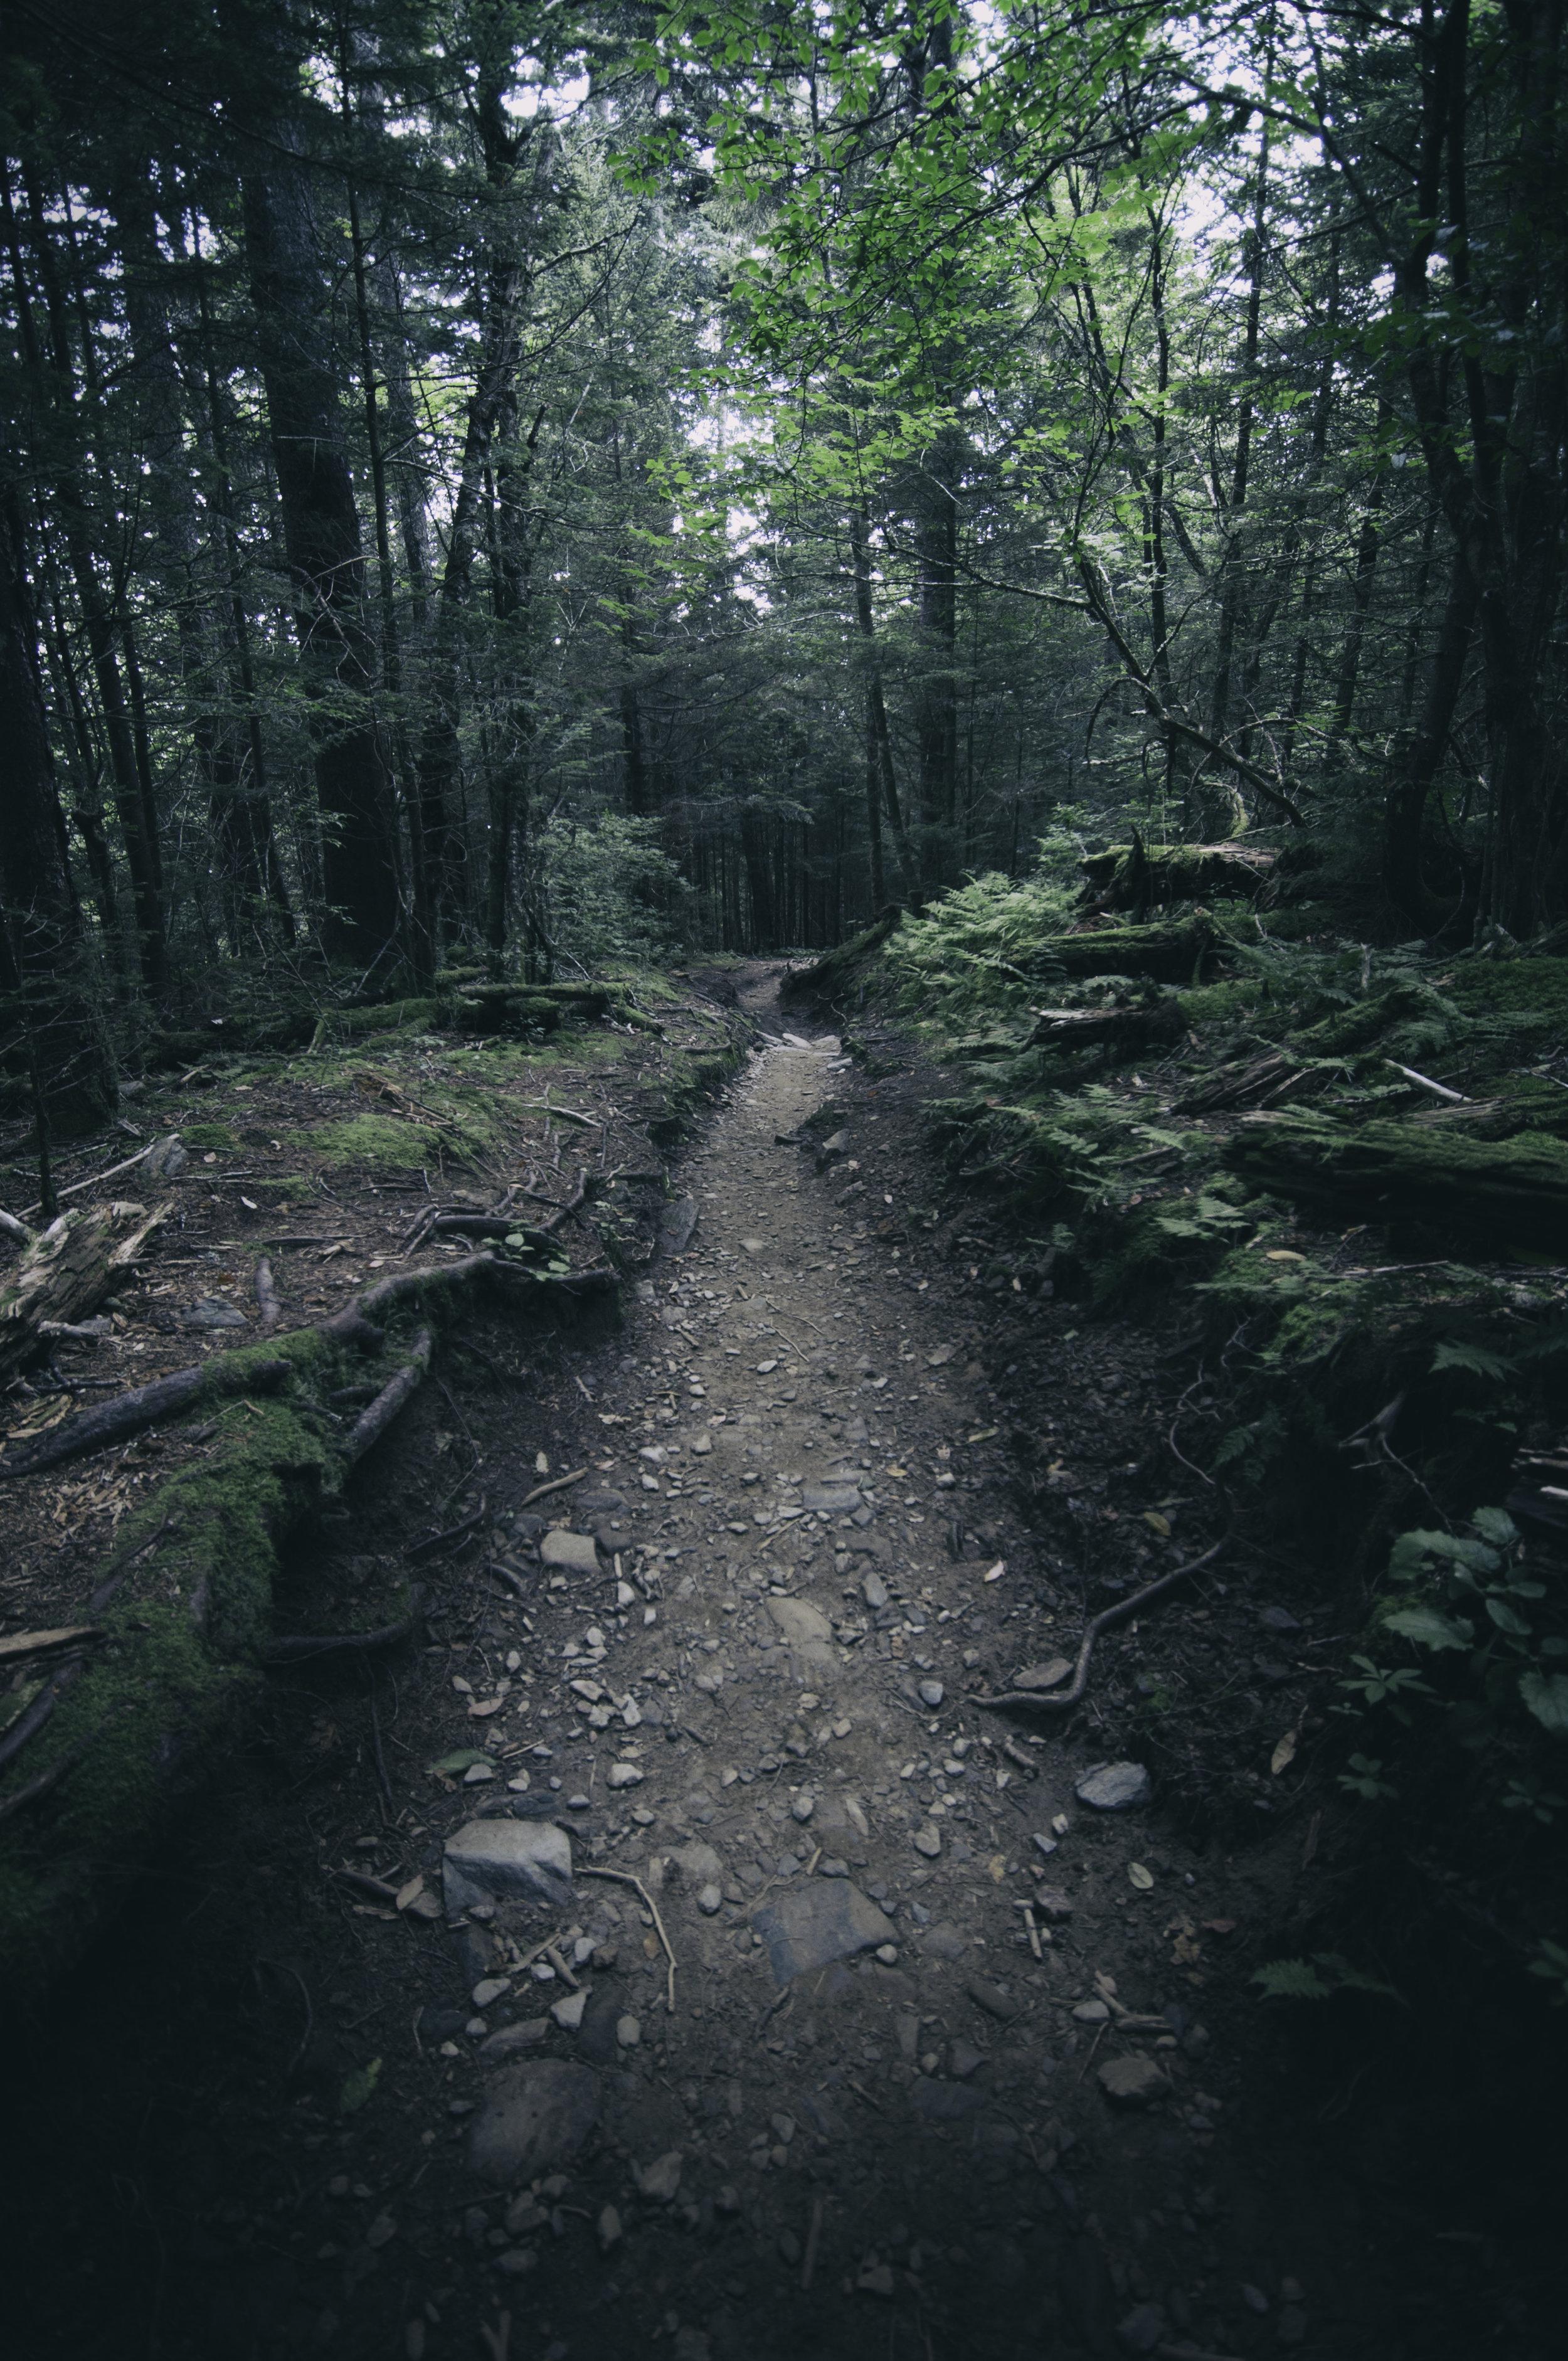 Nature_Woods_Pathway001.jpg